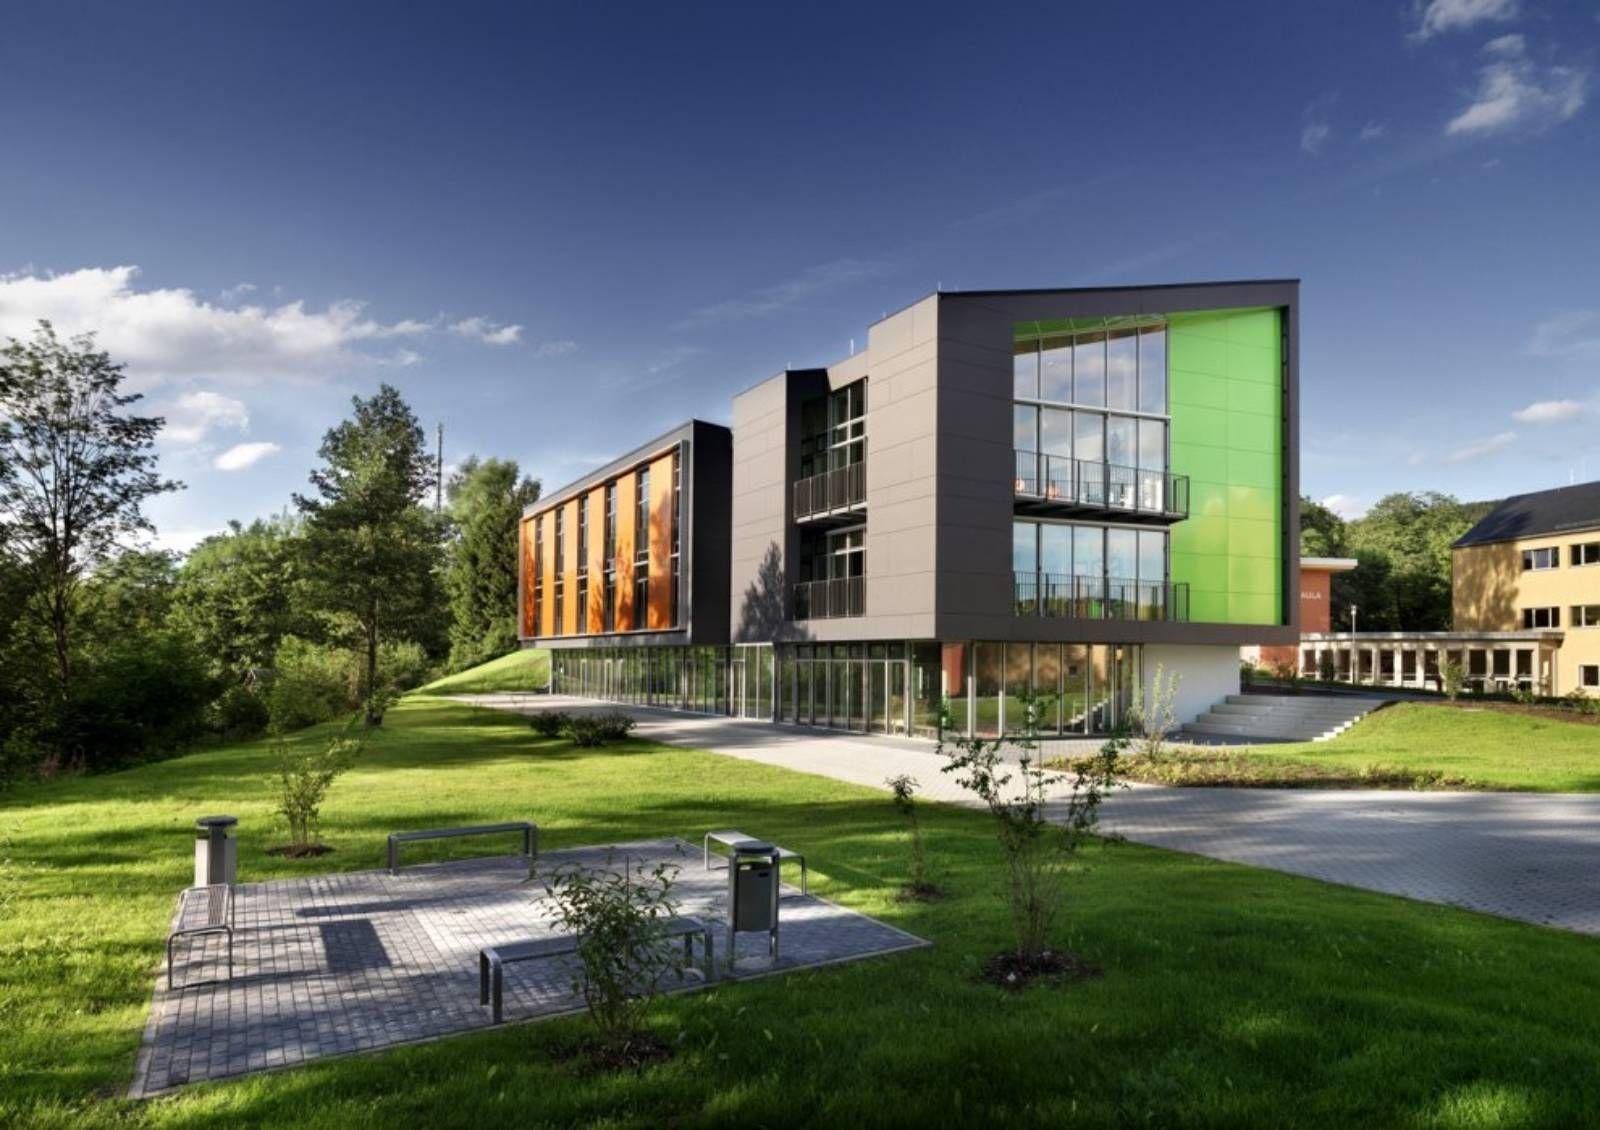 Modern school design architecture google search for Hotel architecture